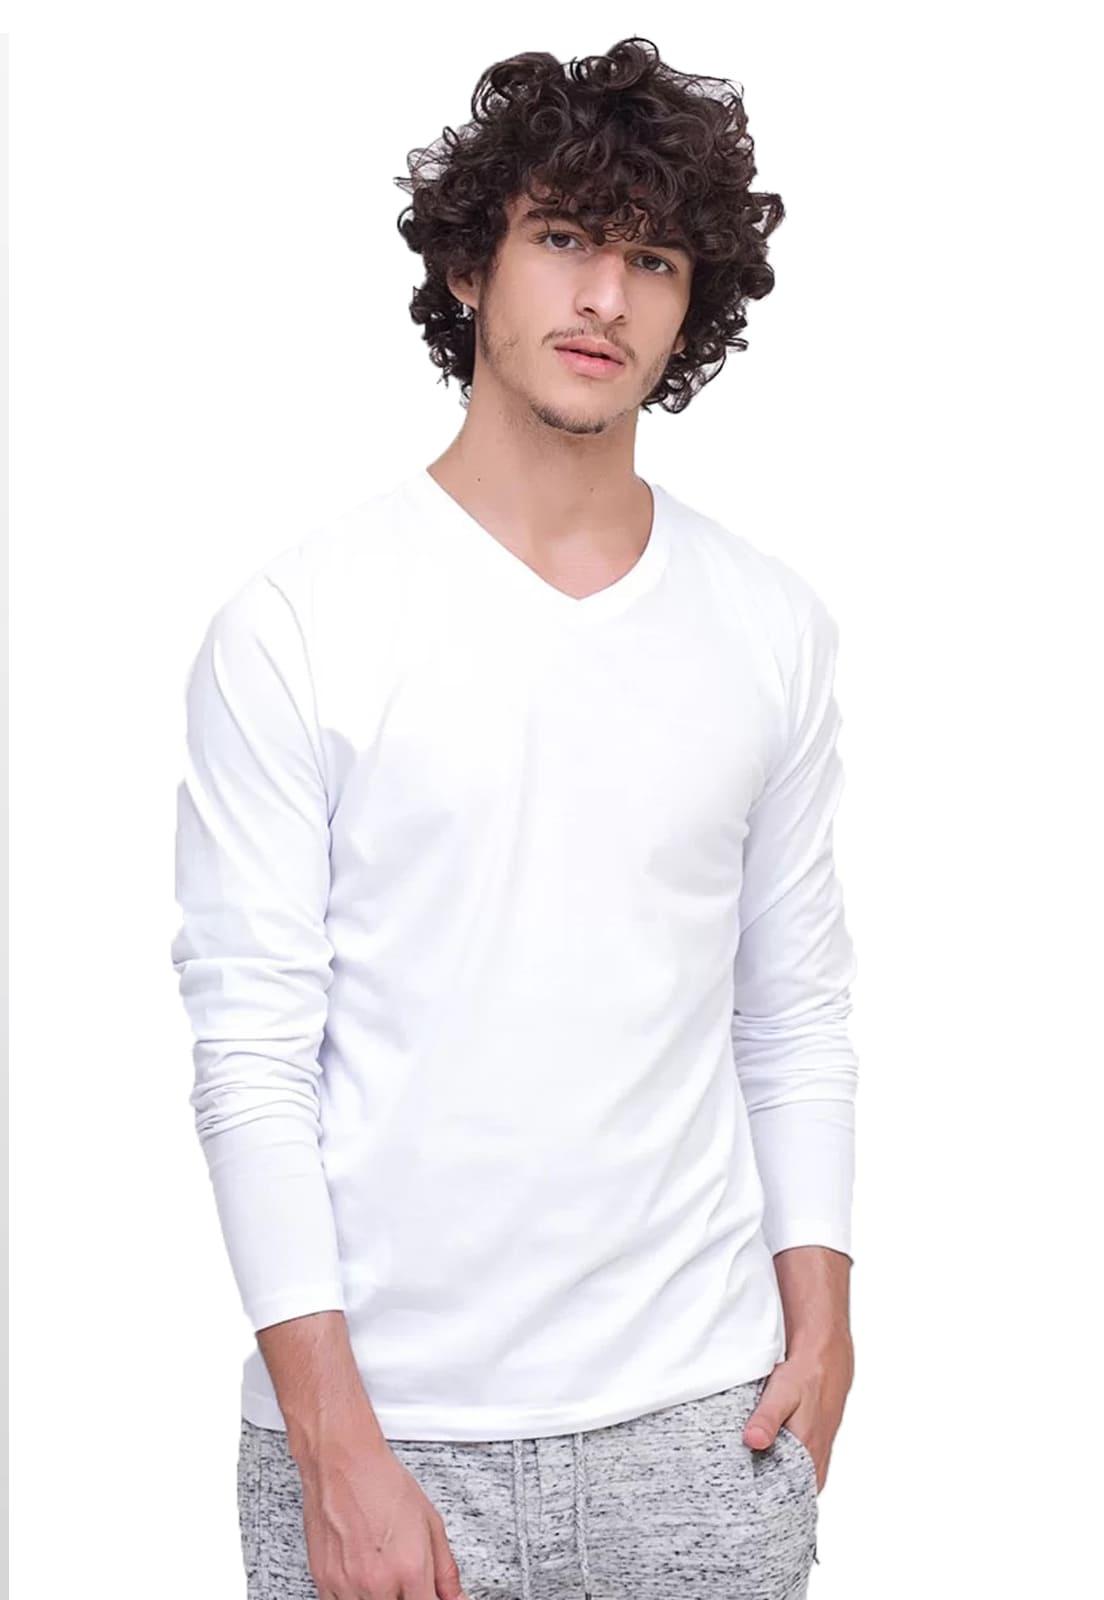 Camiseta Manga Longa Branca Gola V 100% Algodão Di Nuevo